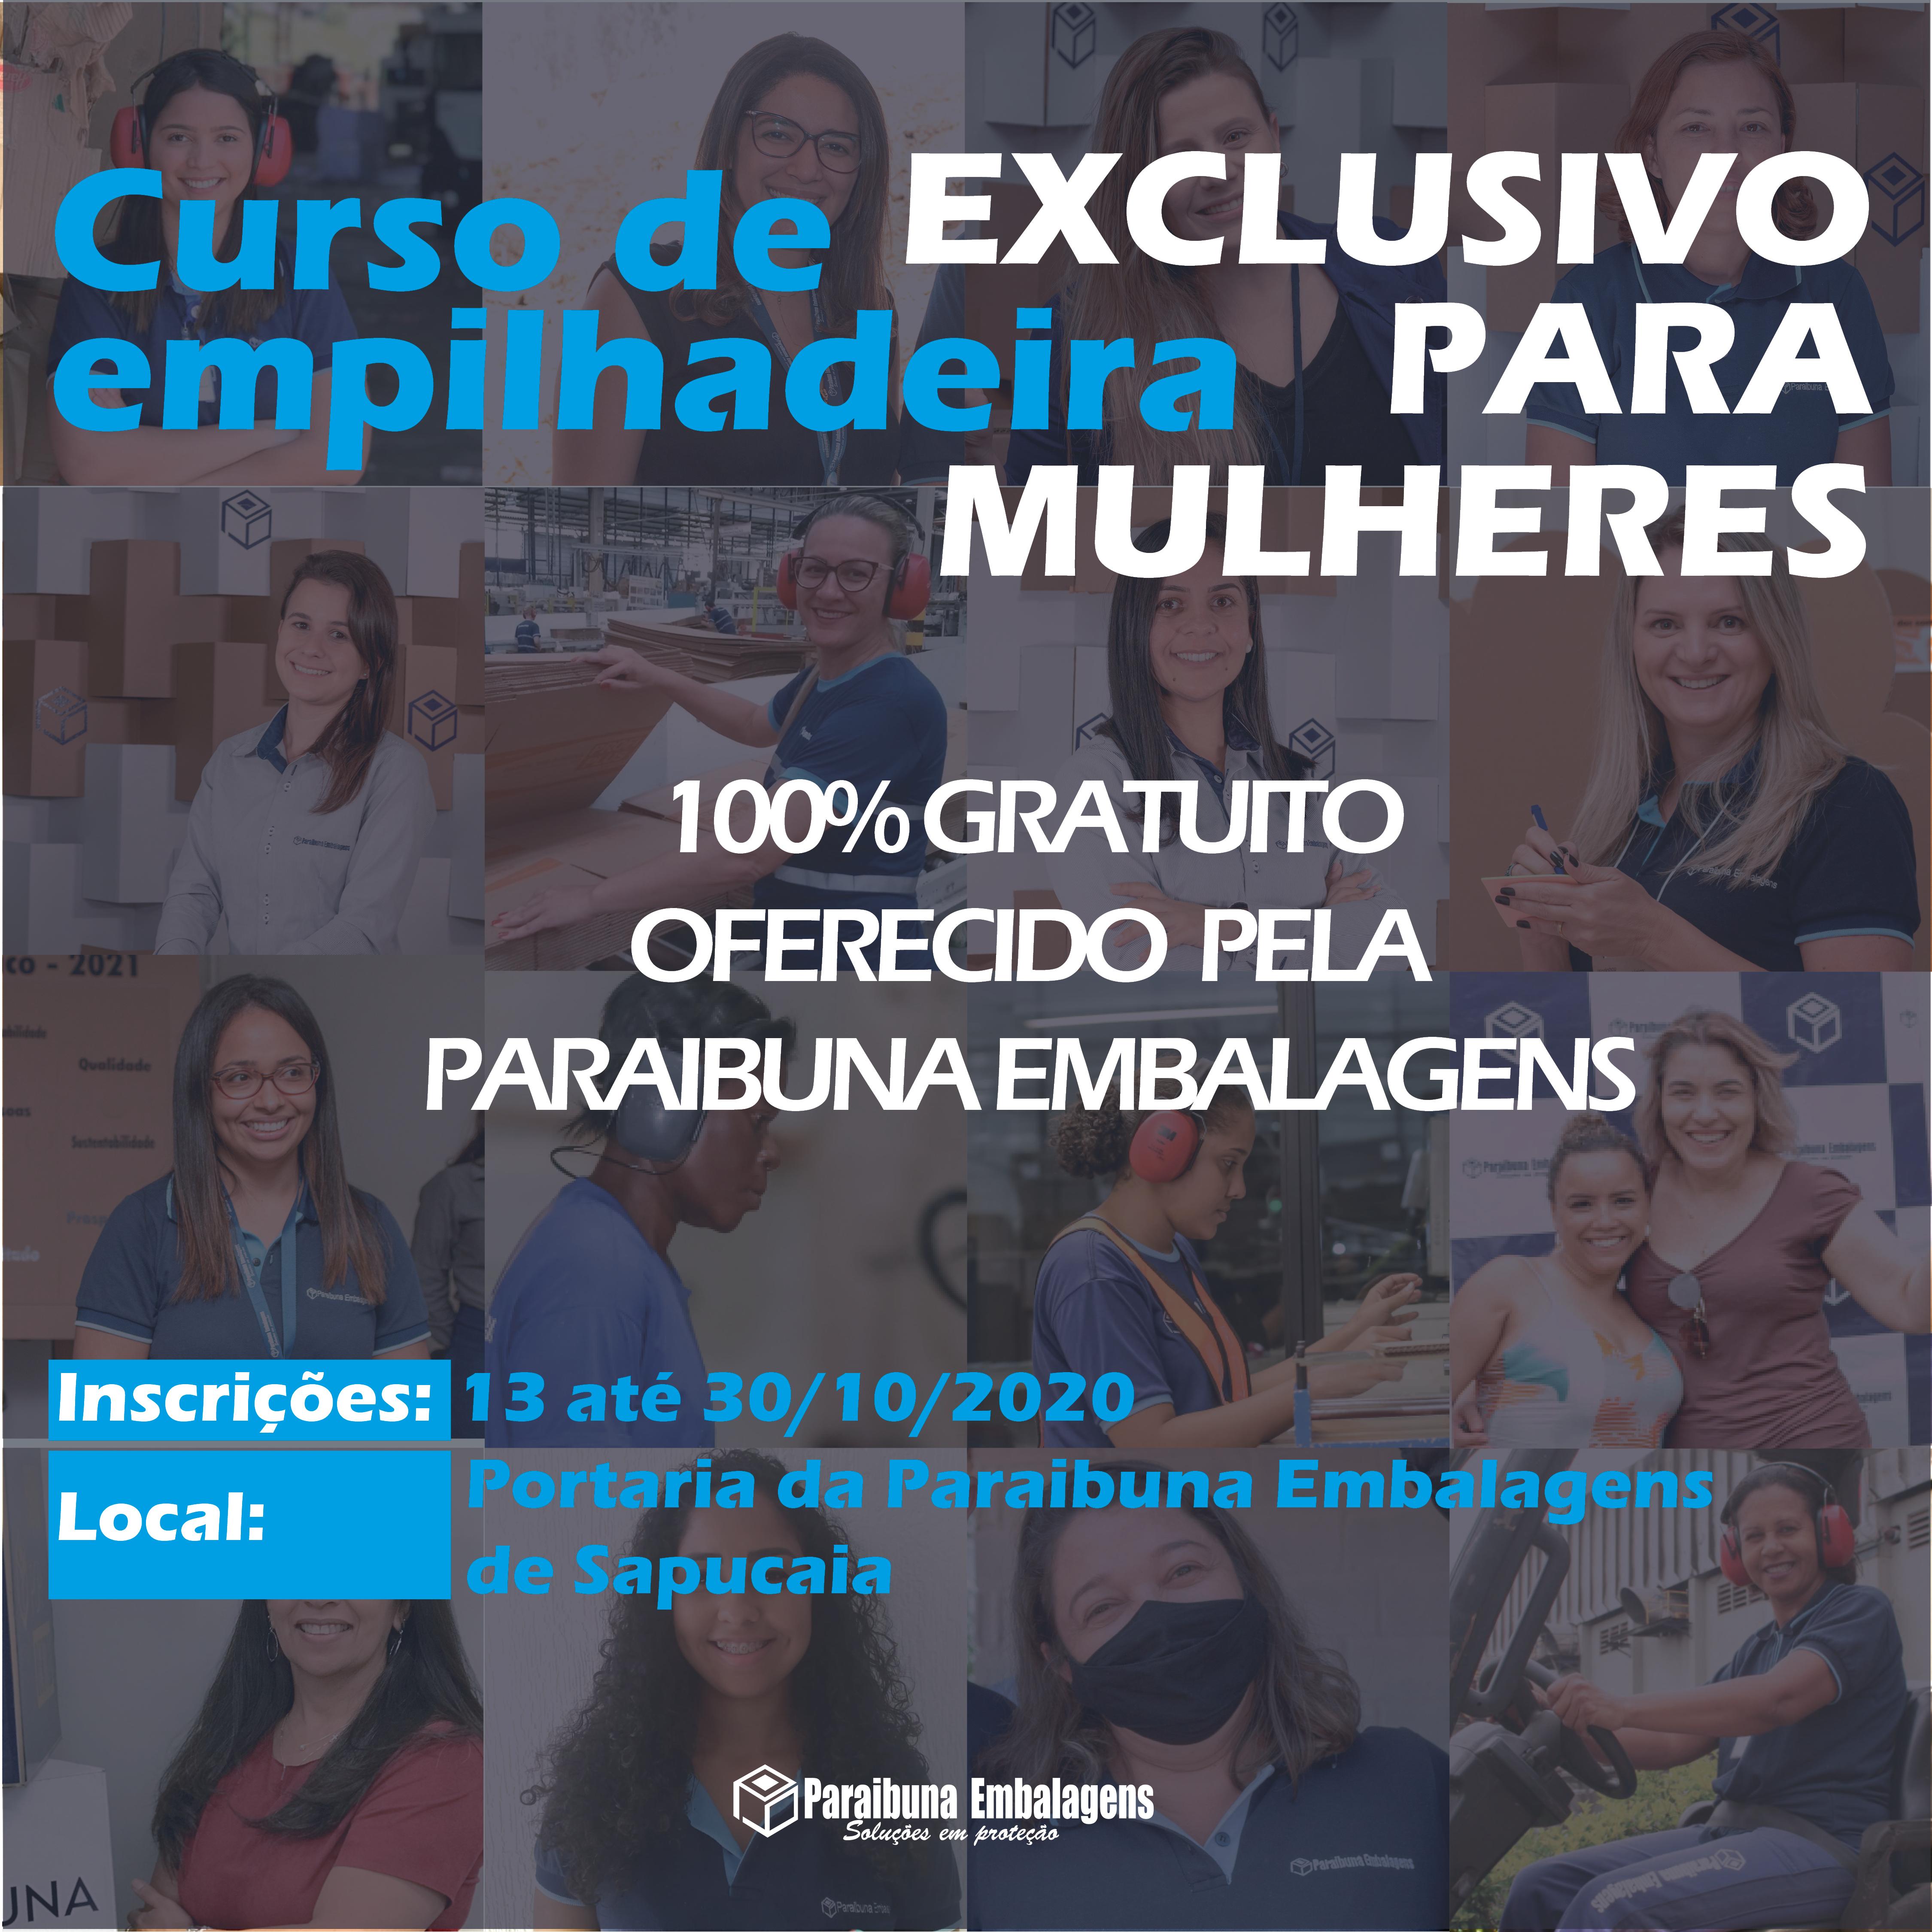 Paraibuna Embalagens oferece Curso de empilhadeira EXCLUSIVO para MULHERES.